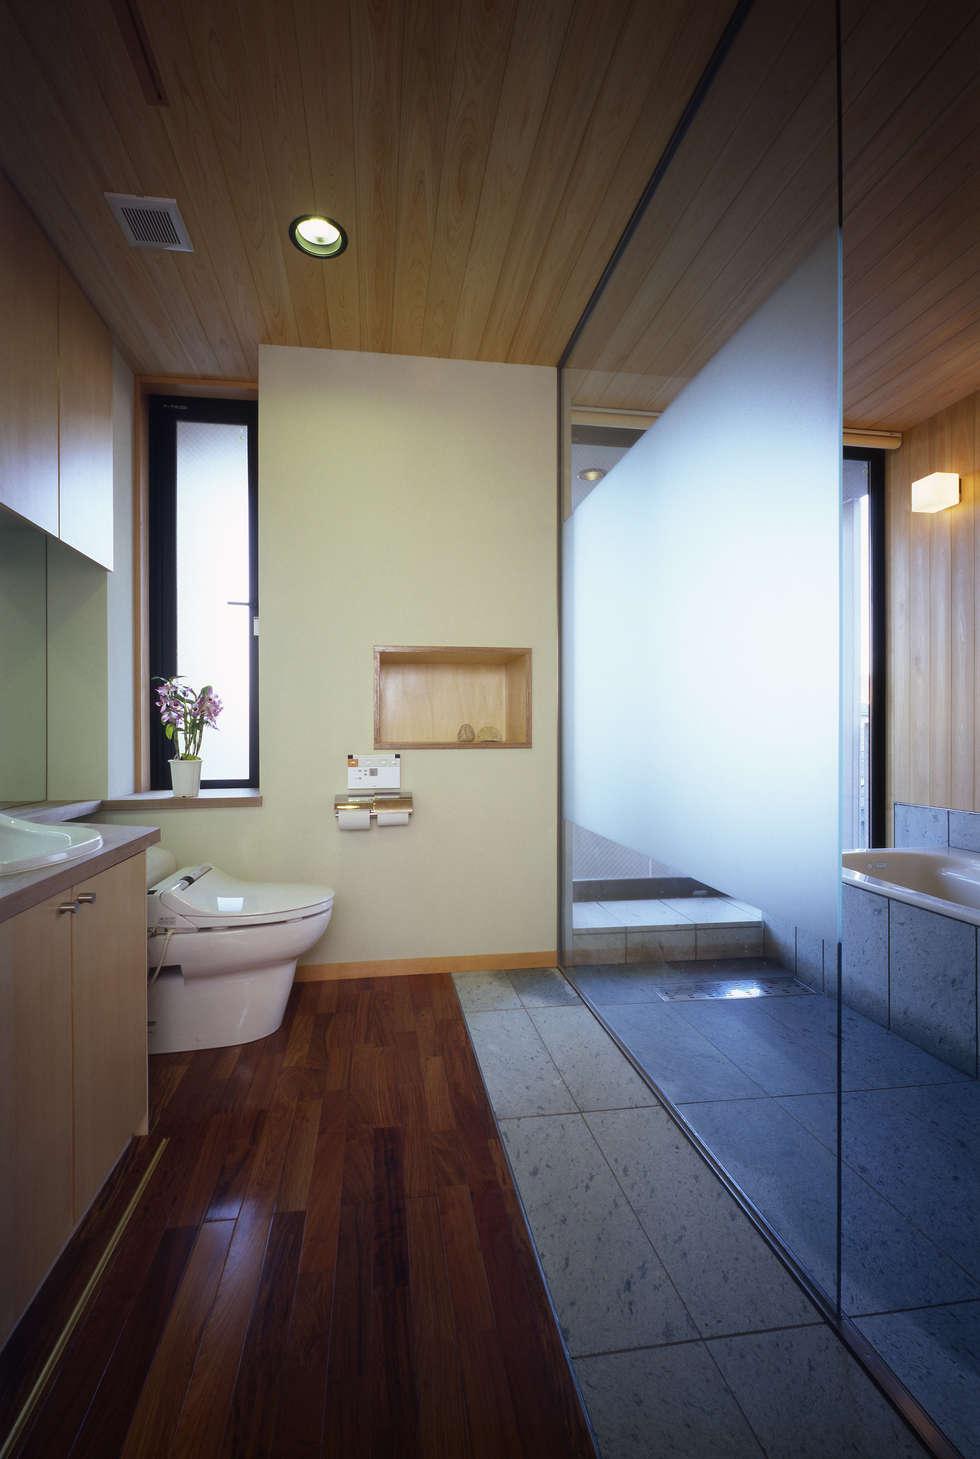 洗面脱衣・トイレ・浴室: 濱嵜良実+株式会社 浜﨑工務店一級建築士事務所が手掛けた浴室です。